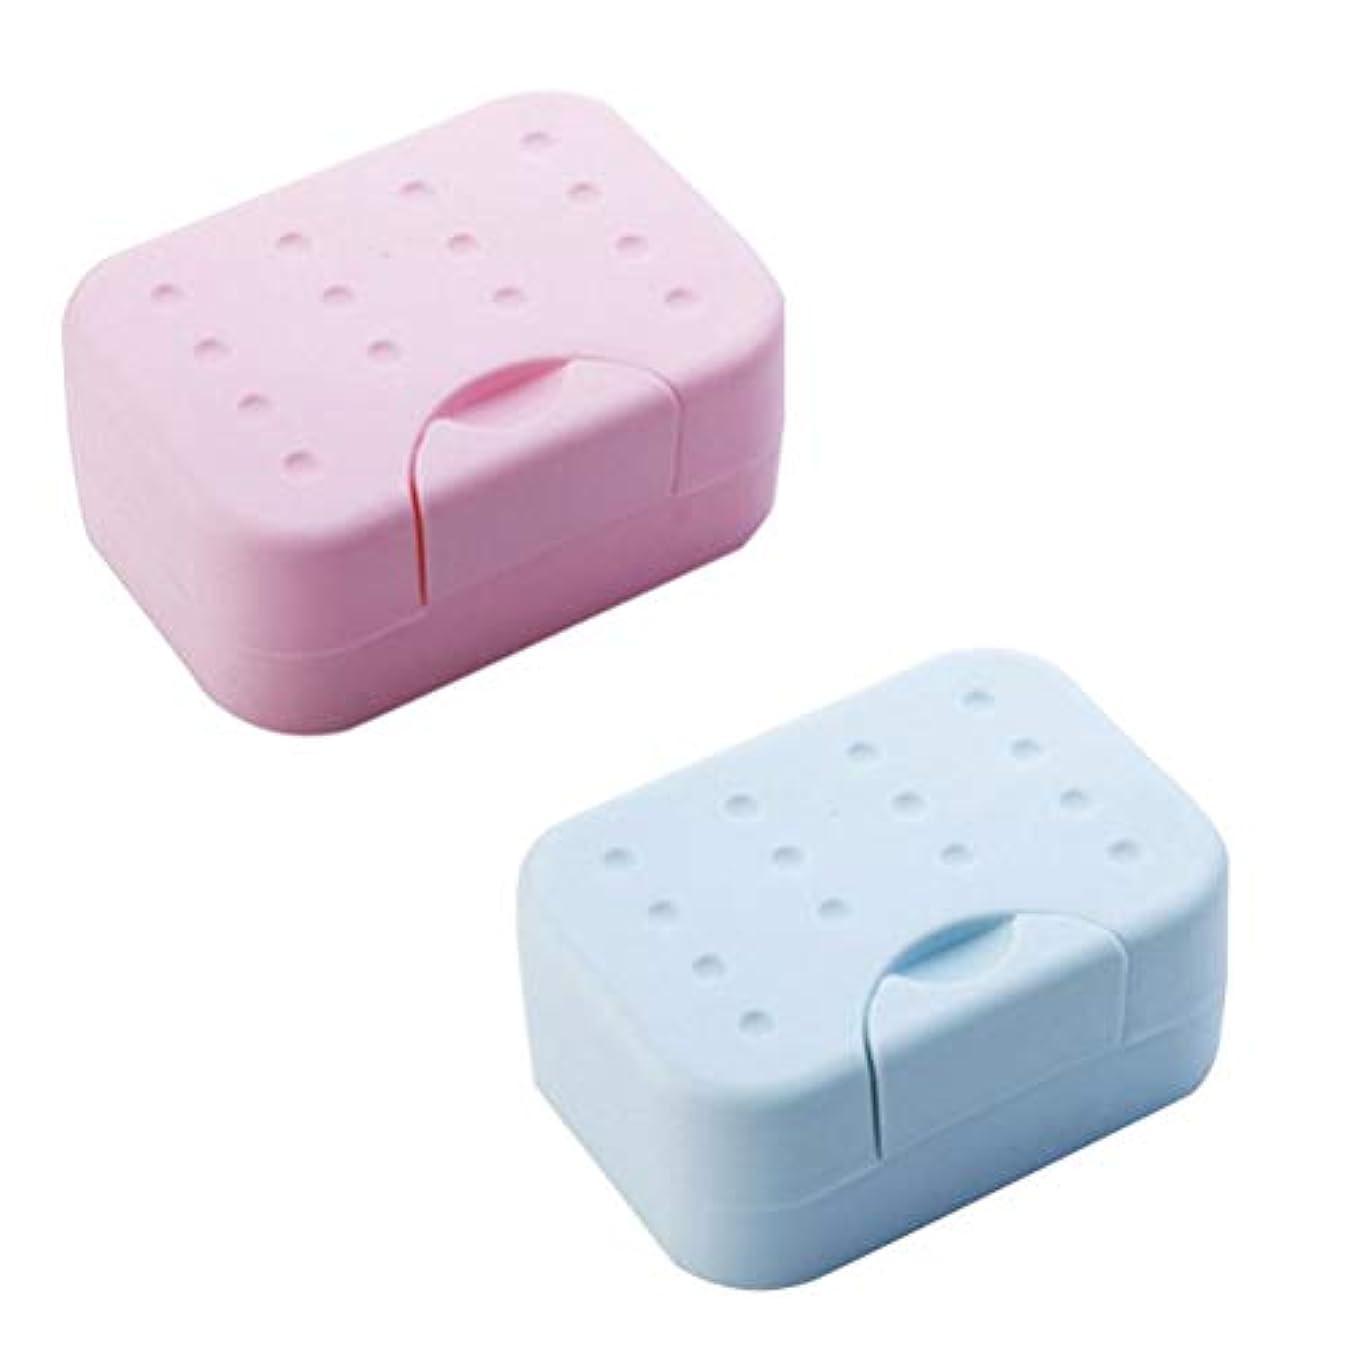 やけどボード球状Healifty 2PC石鹸容器旅行石鹸ボックス石けんケース耐久性プラスチック防水飲料水スポンジ石鹸キャビネットのための食器ホルダーホームバスルーム(赤と青)